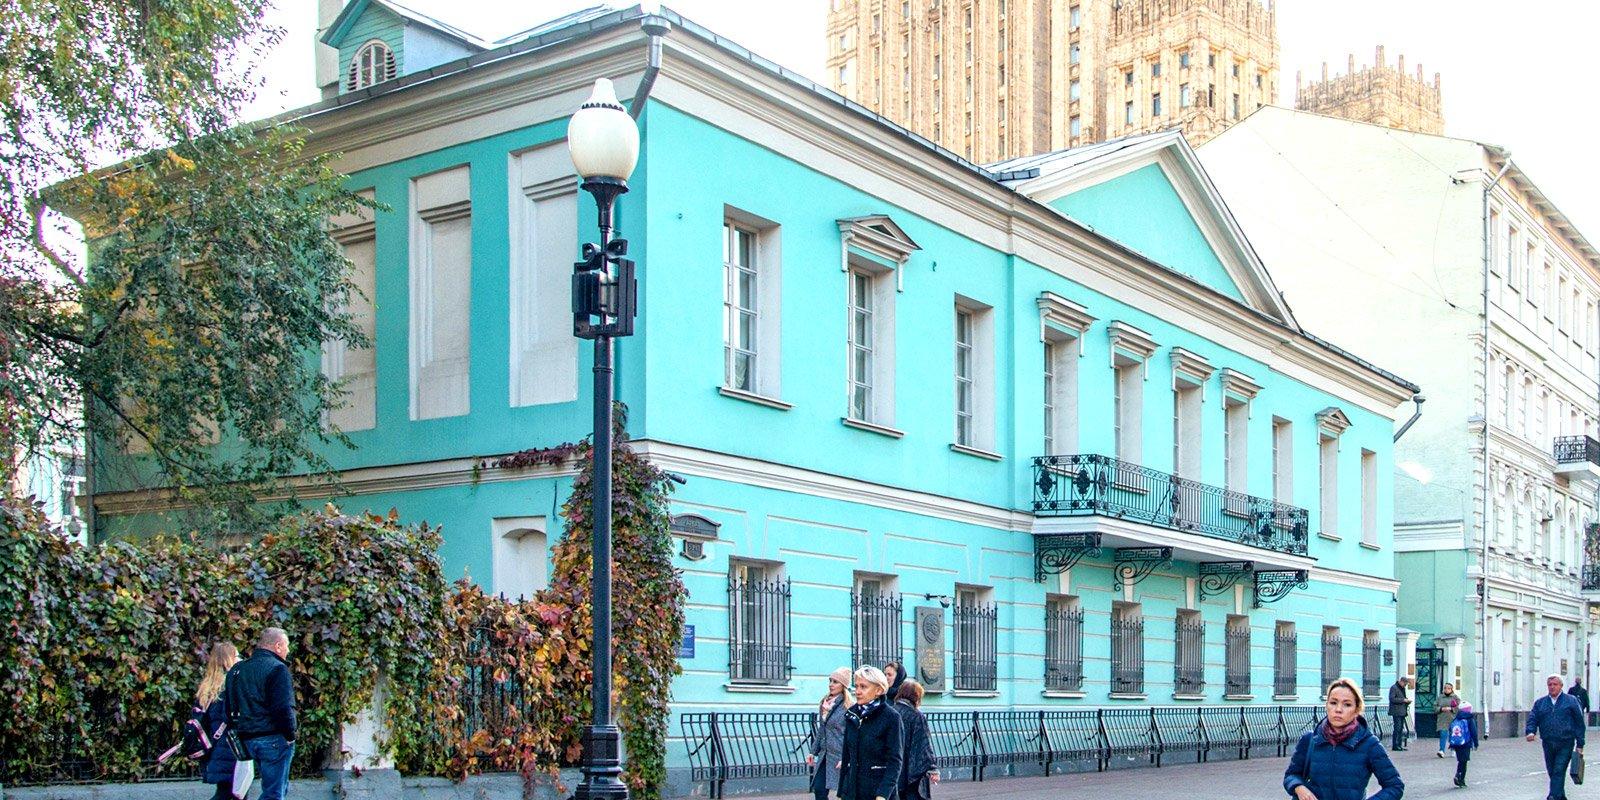 Где читал стихи, венчался и танцевал Пушкин: гид по знаковым для поэта местам